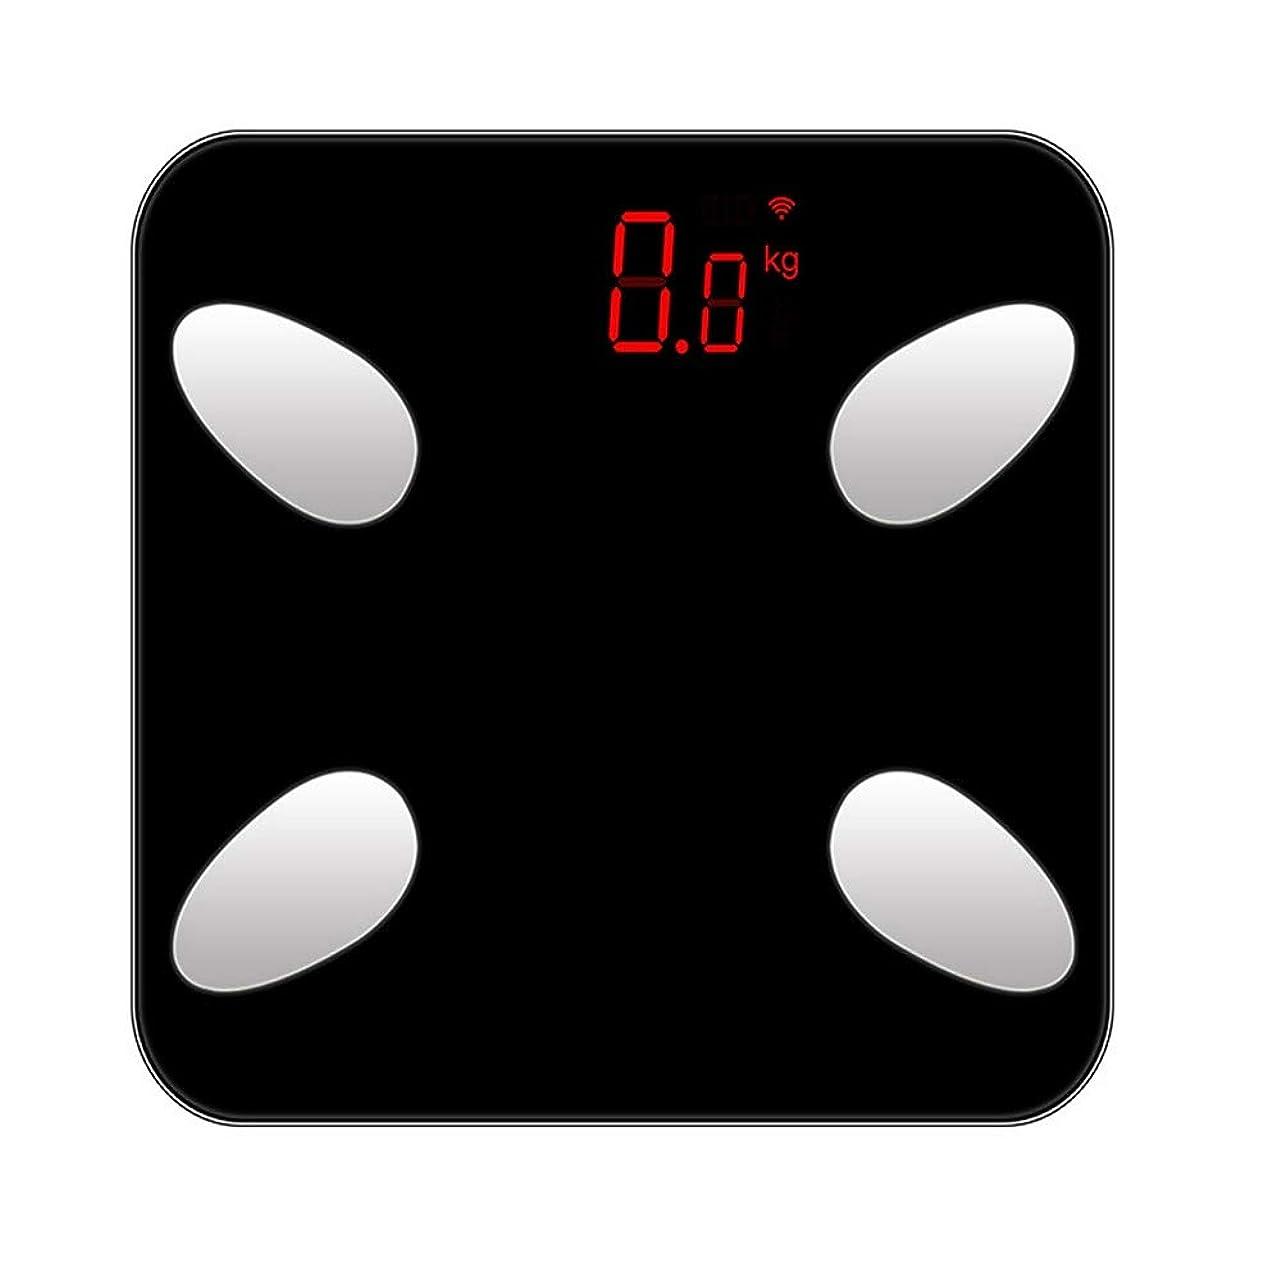 サーキットに行く不運母音XF 体重計?体脂肪計 Bluetoothの体脂肪計 - iOSとAndroidのスマートフォンアプリケーションで充電可能なデジタルバスルームスケールUSBワイヤレスBMIスケール体脂肪計 - ブラック 測定器